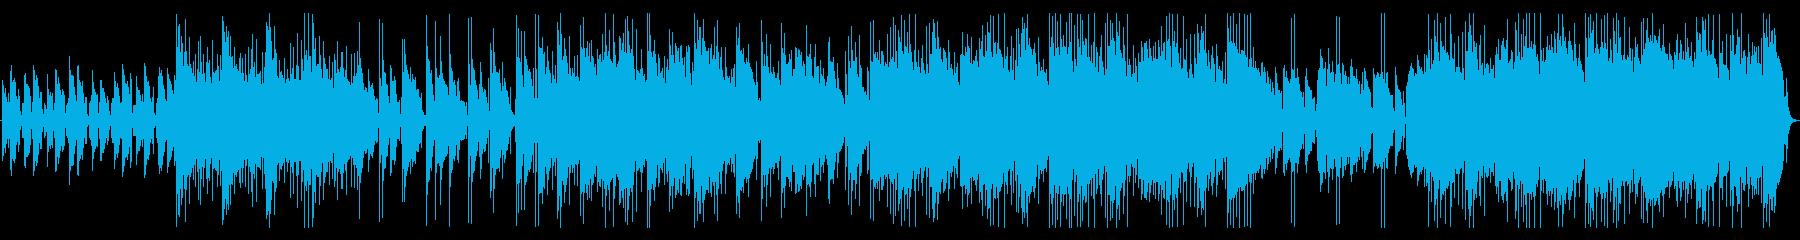 午後のティータイムに似合うポップスの再生済みの波形